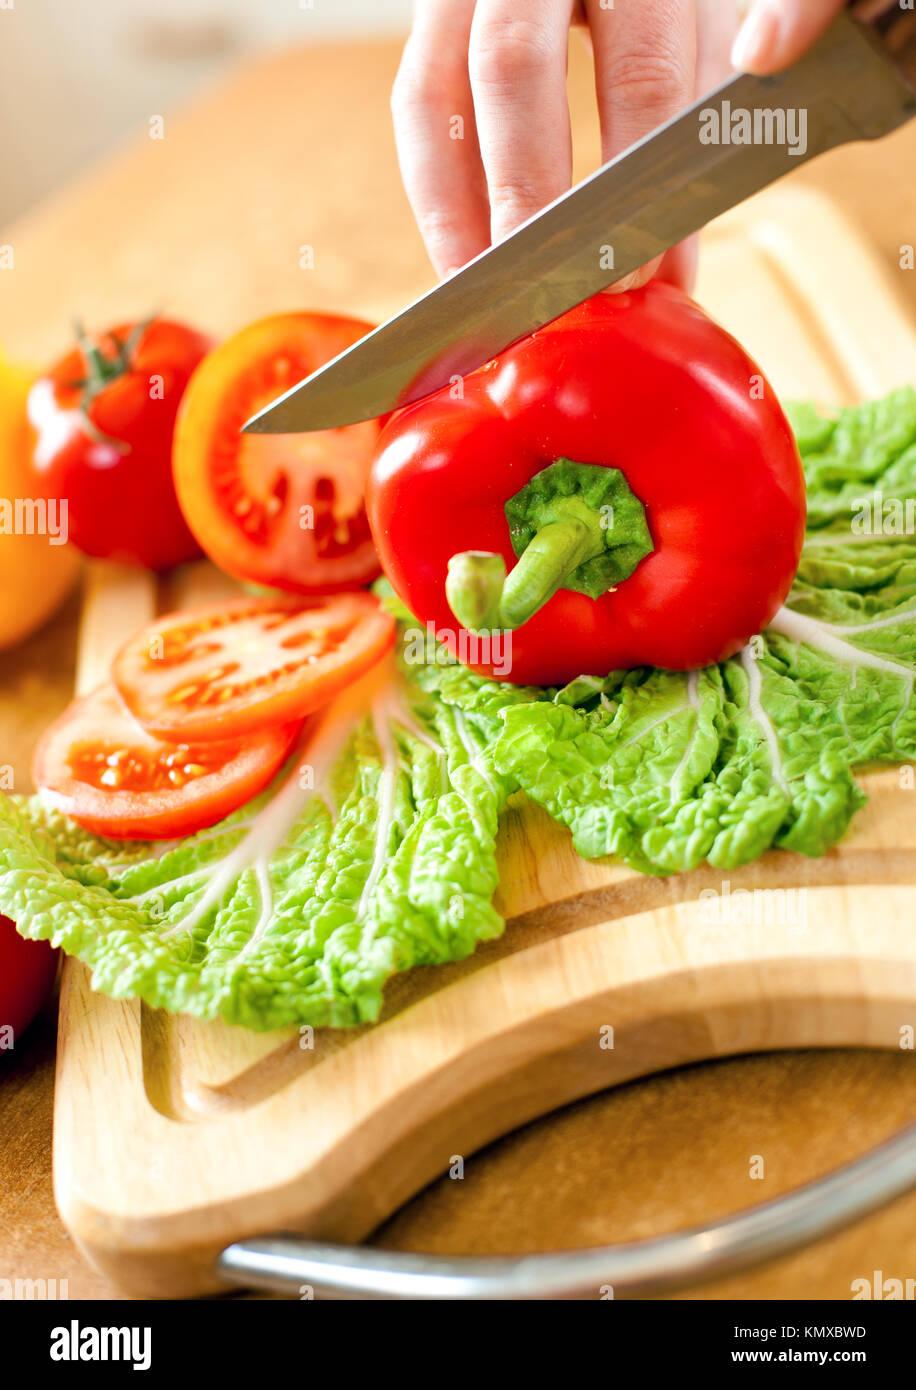 frauenhand tomaten paprika hinter frisches gem se schneiden stockfoto bild 167766521 alamy. Black Bedroom Furniture Sets. Home Design Ideas